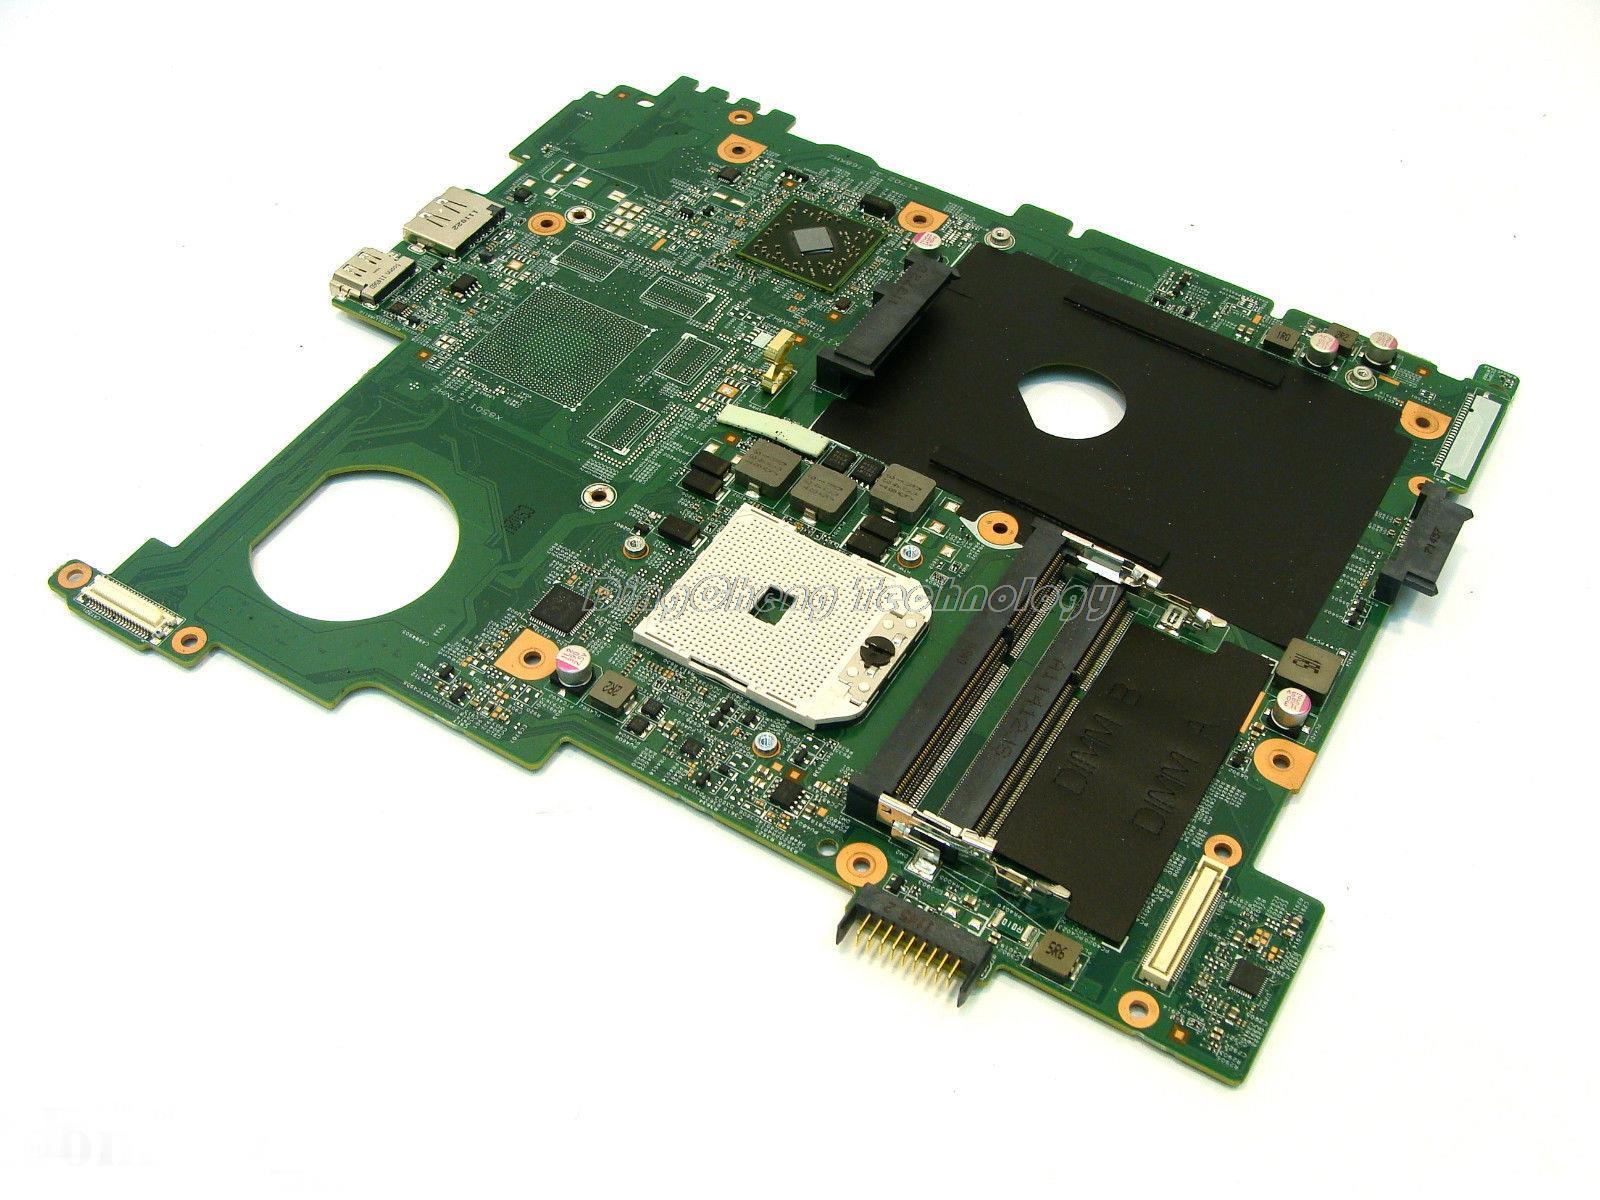 SHELI ordinateur portable Carte Mère/carte mère pour dell Inspiron 15R M511R M5110 CN-0NKG03 NKG03 pour AMD cpu avec carte graphique intégrée